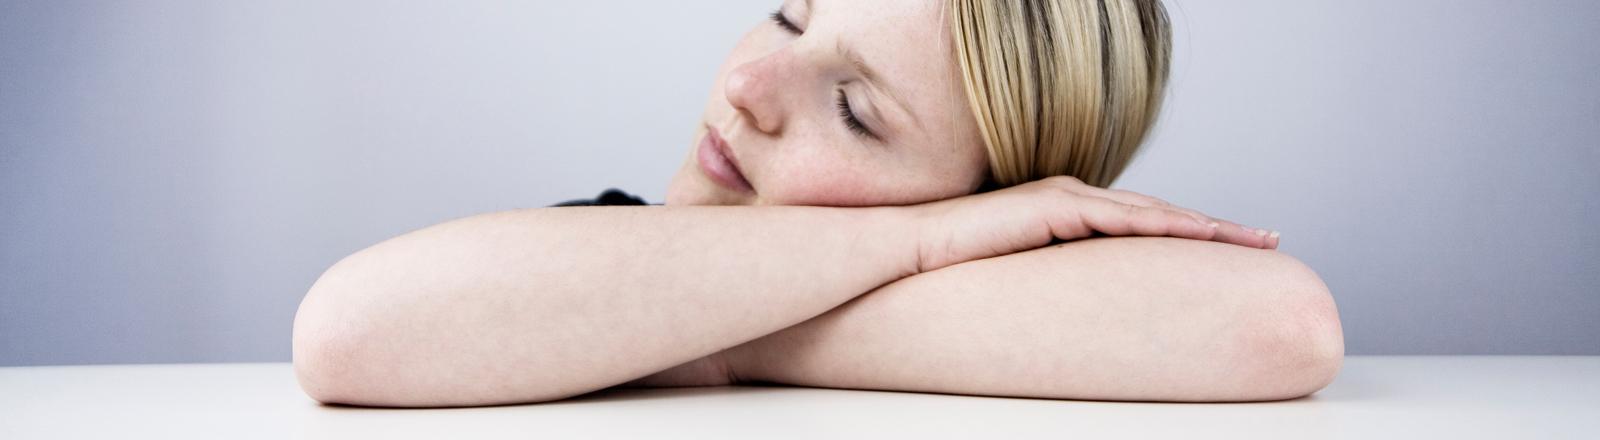 Schlafende Frau,d ie ihren Kopf auf die verschränkten Arme gelegt hat